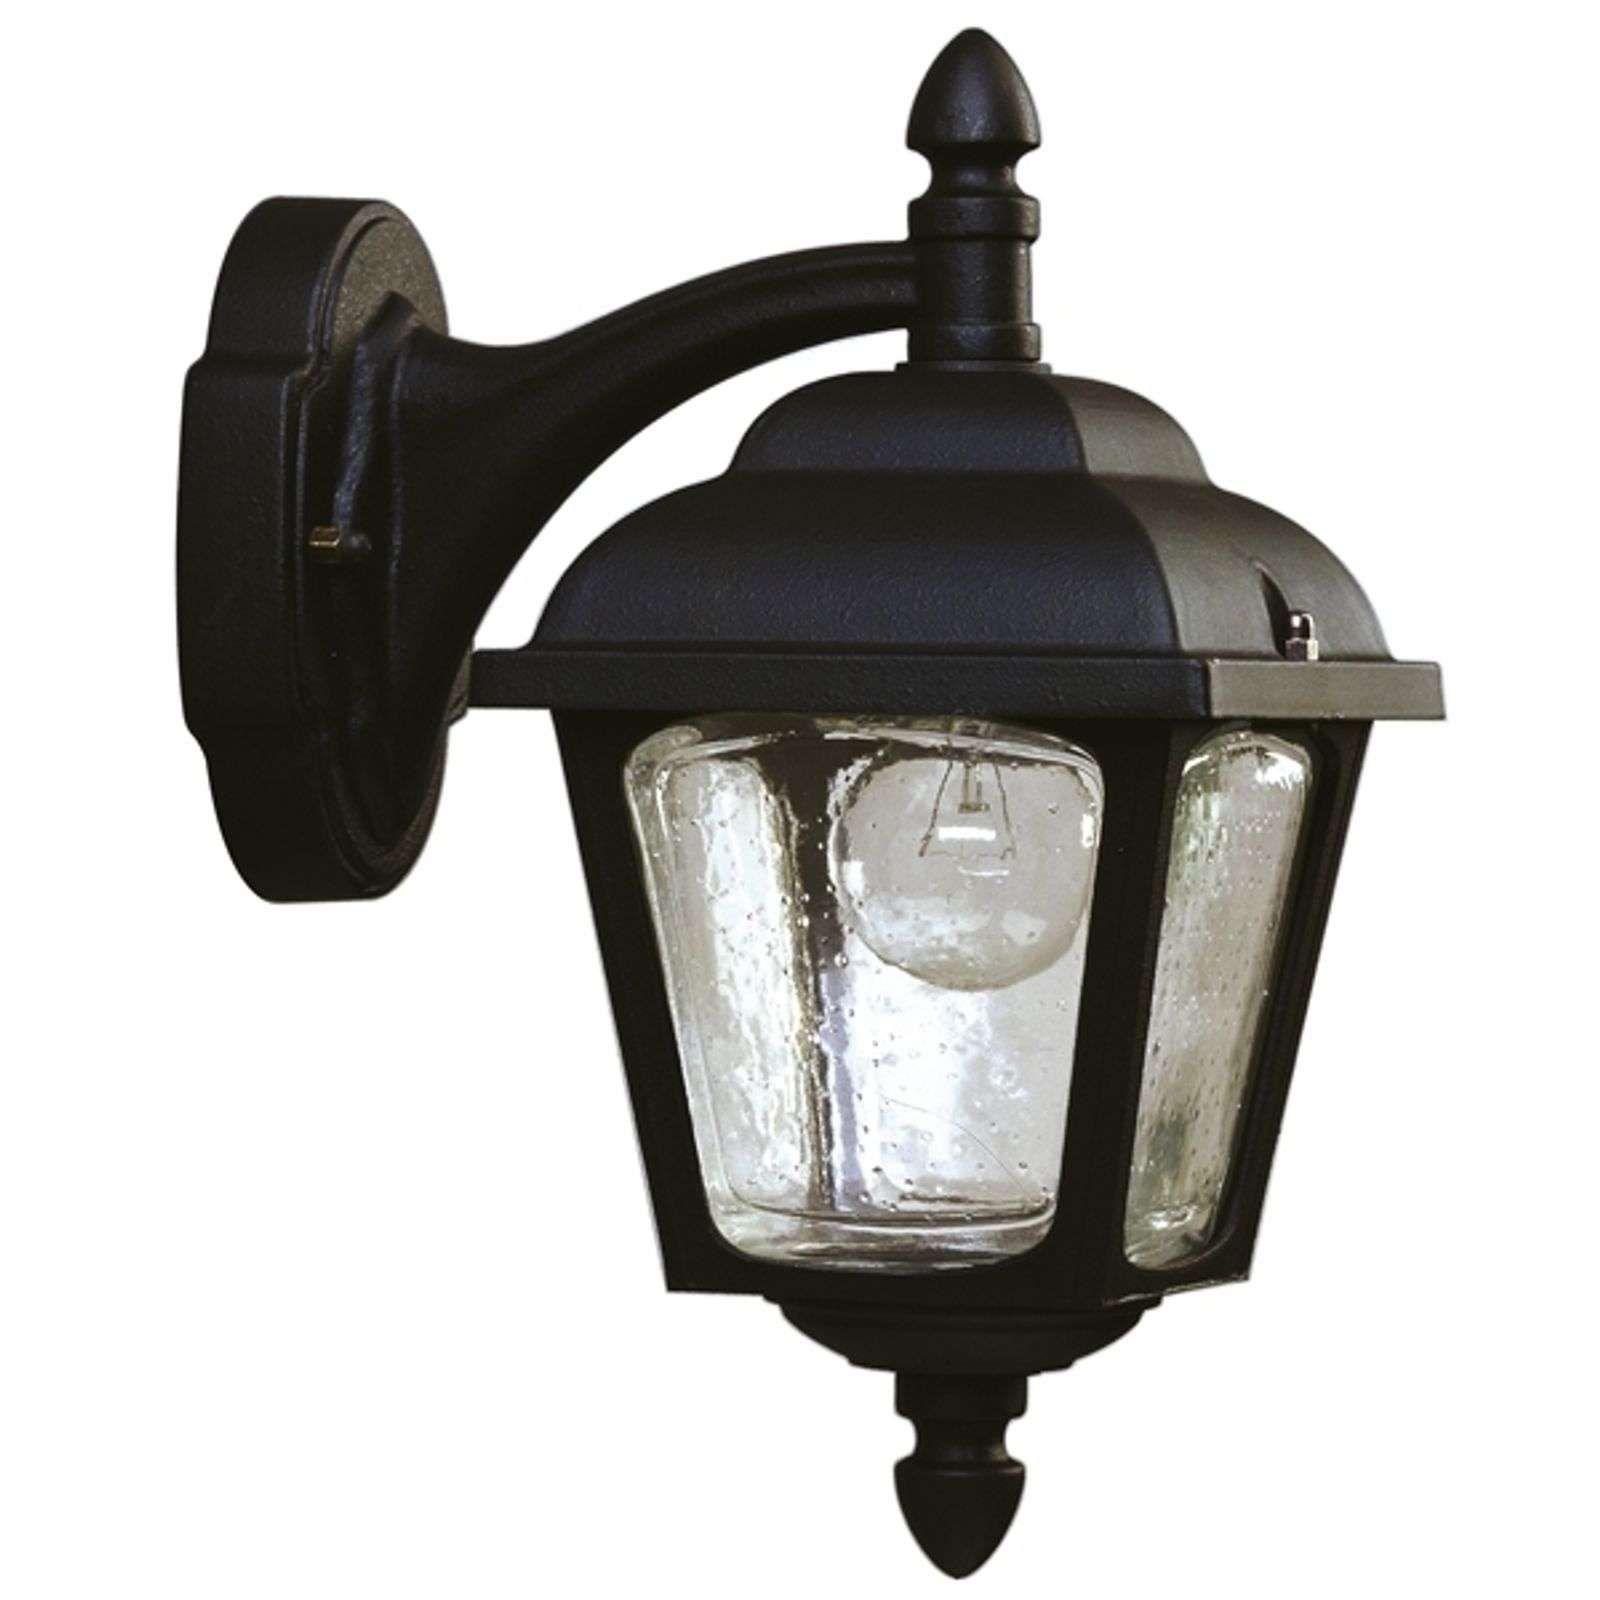 Applique D Exterieur Rustique 716 In 2020 Buitenlamp Muurverlichting Lampen